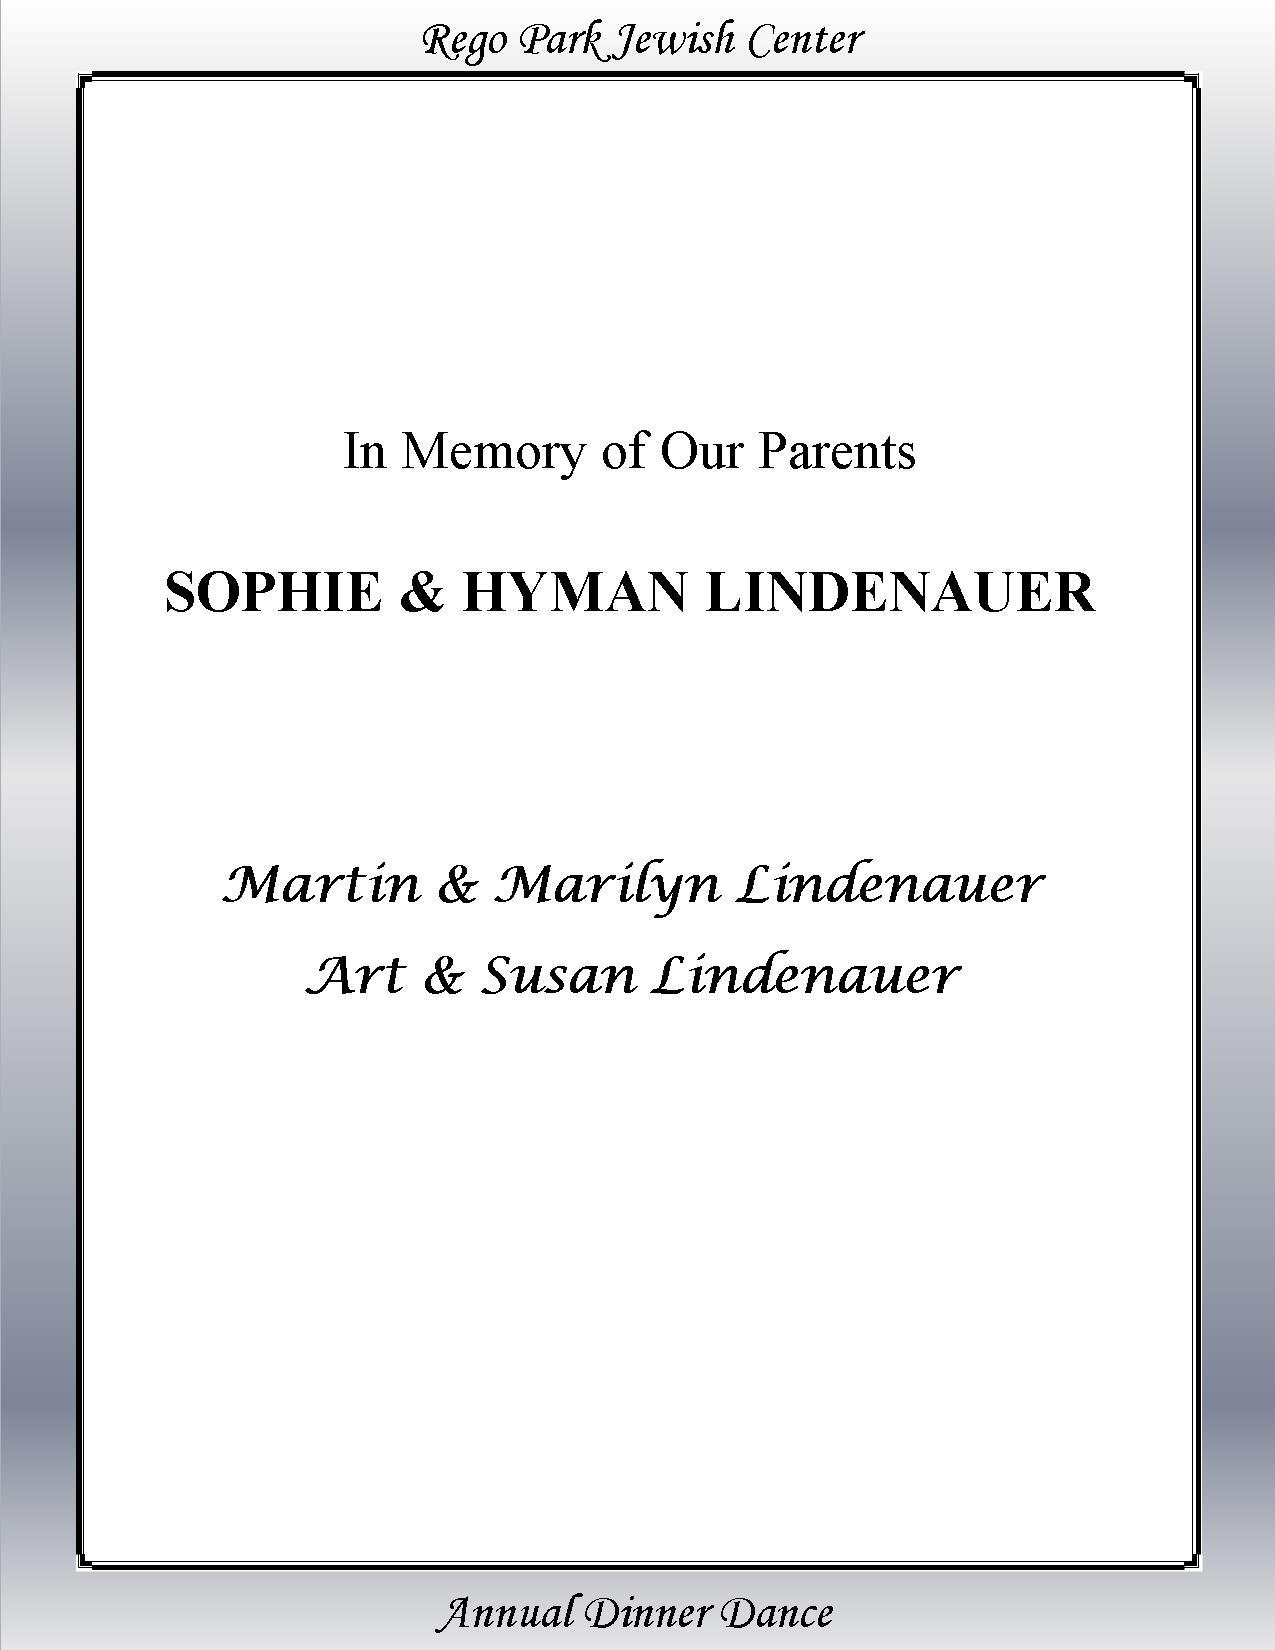 Silver Lindenauer page 27 - Copy.jpg